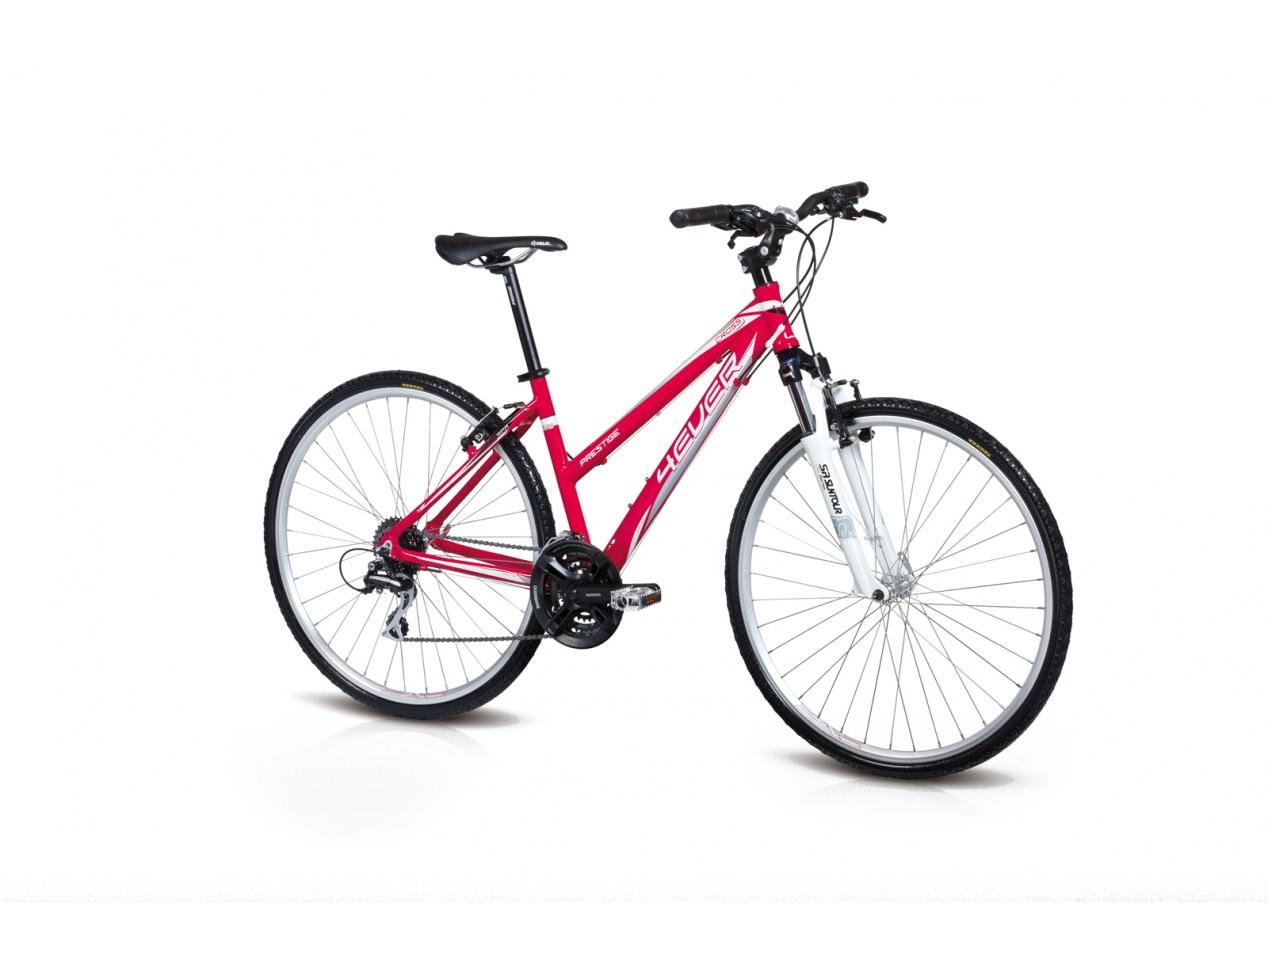 Dárkové poukazy na jízdní kola, cyklodoplňky Zlín